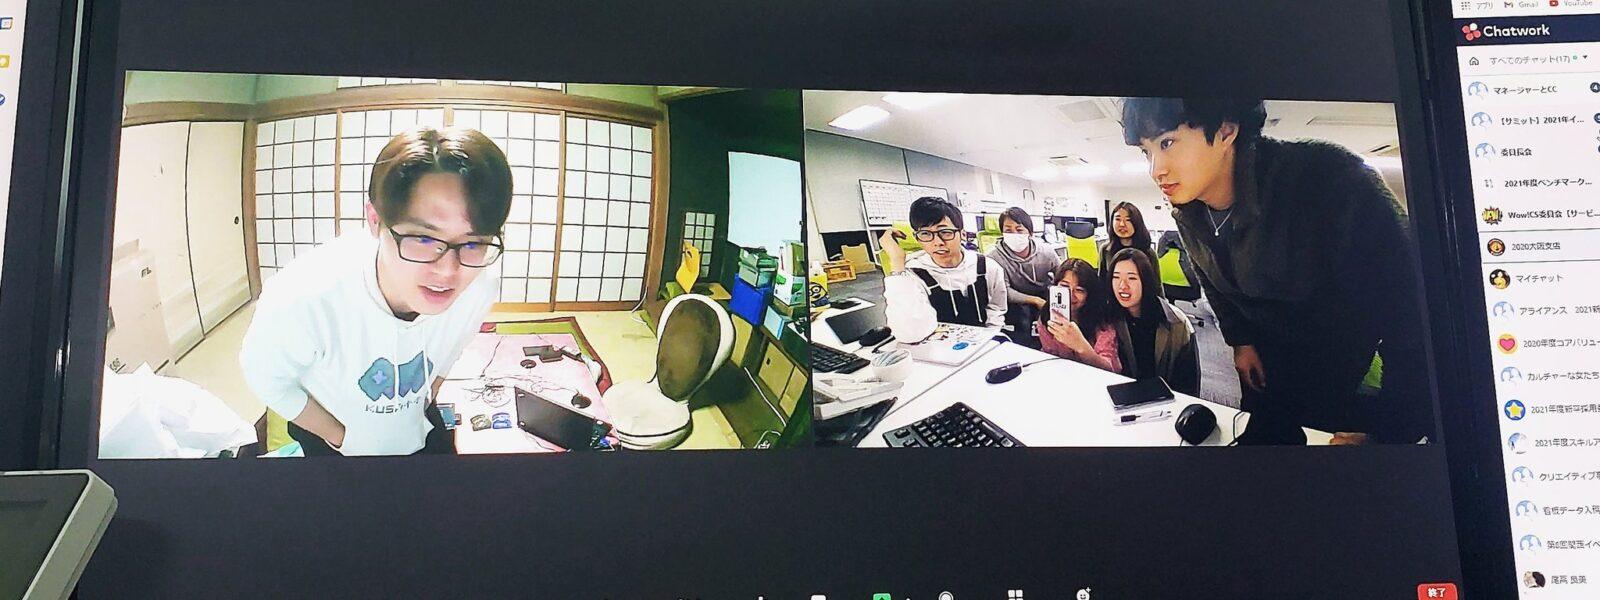 大阪支店、全体会議が熱い・・・!!!